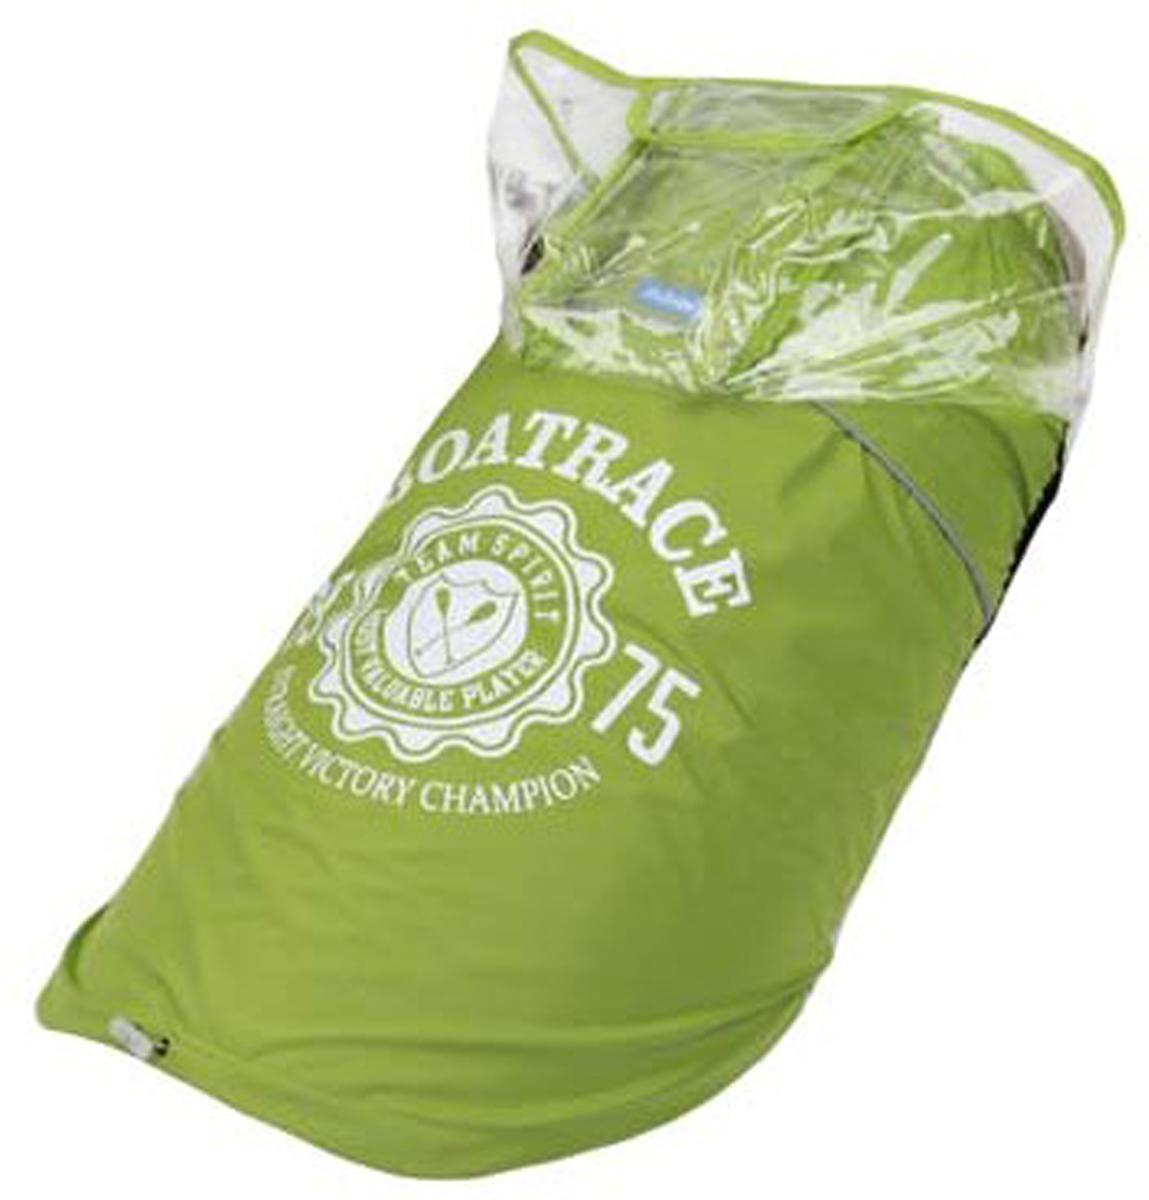 Куртка для собак Dobaz, водонепроницаемая, цвет: прозрачно-зеленый. ДА13033С5ХЛ. Размер 5XLДА13033С5ХЛКуртка для собак Dobaz отлично подходит для использования в сырую погоду. Материал обладает водоотталкивающей способностью, поэтому превосходно защитит вашего четвероногого друга в любую погоду.Обхват шеи: 51 см.Обхват груди: 79 см.Длина спинки: 56 см.Одежда для собак: нужна ли она и как её выбрать. Статья OZON Гид